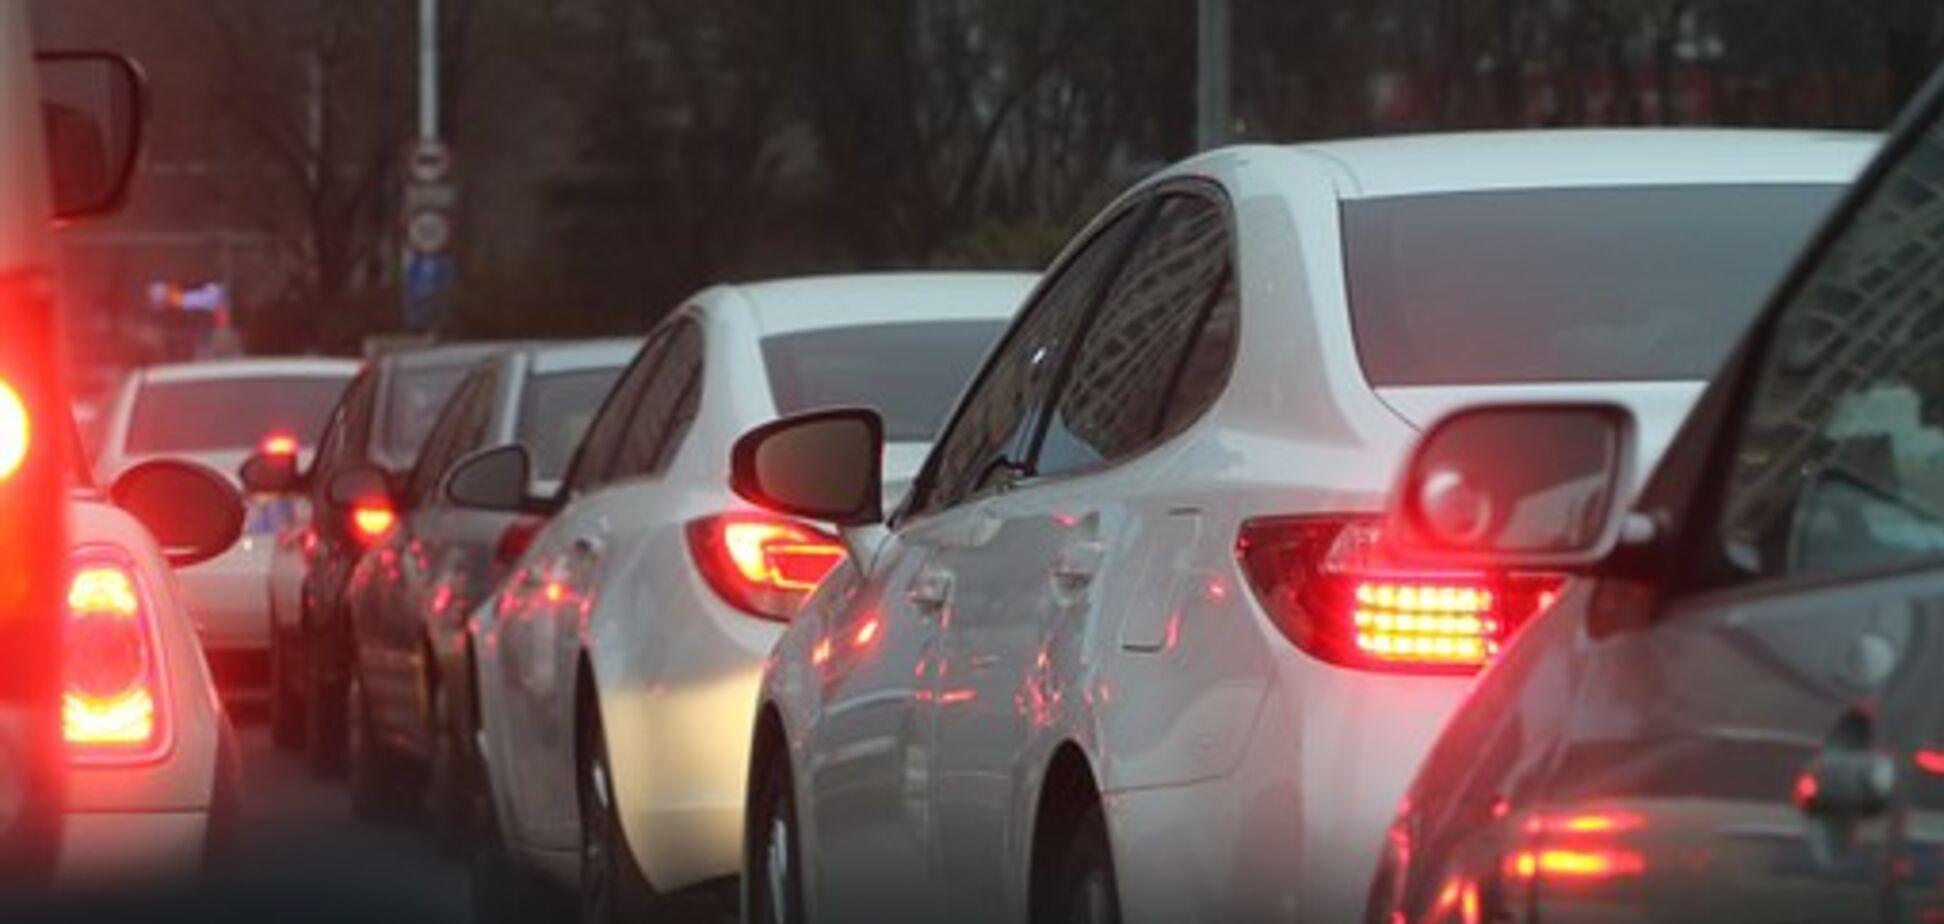 Ціни на авто в Україні можуть знизитися втричі